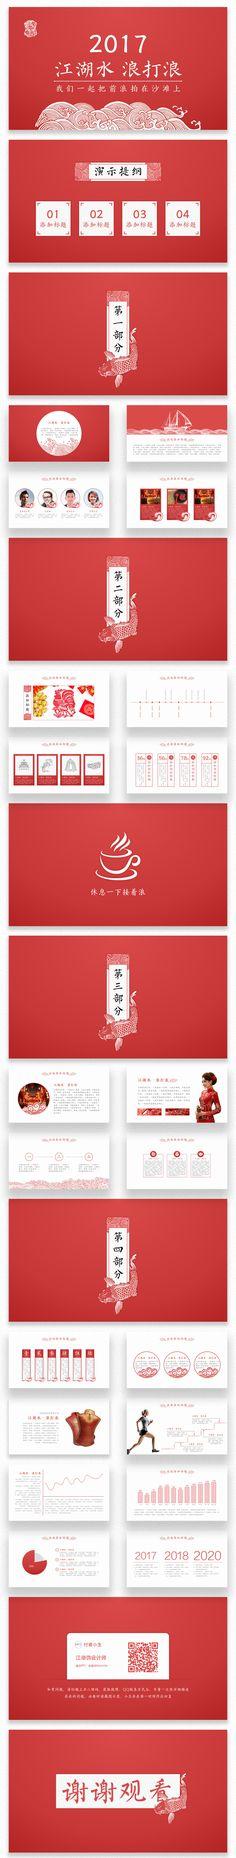 『小生诚品』高端红色中国风设计商务模板『江湖水·浪打浪』